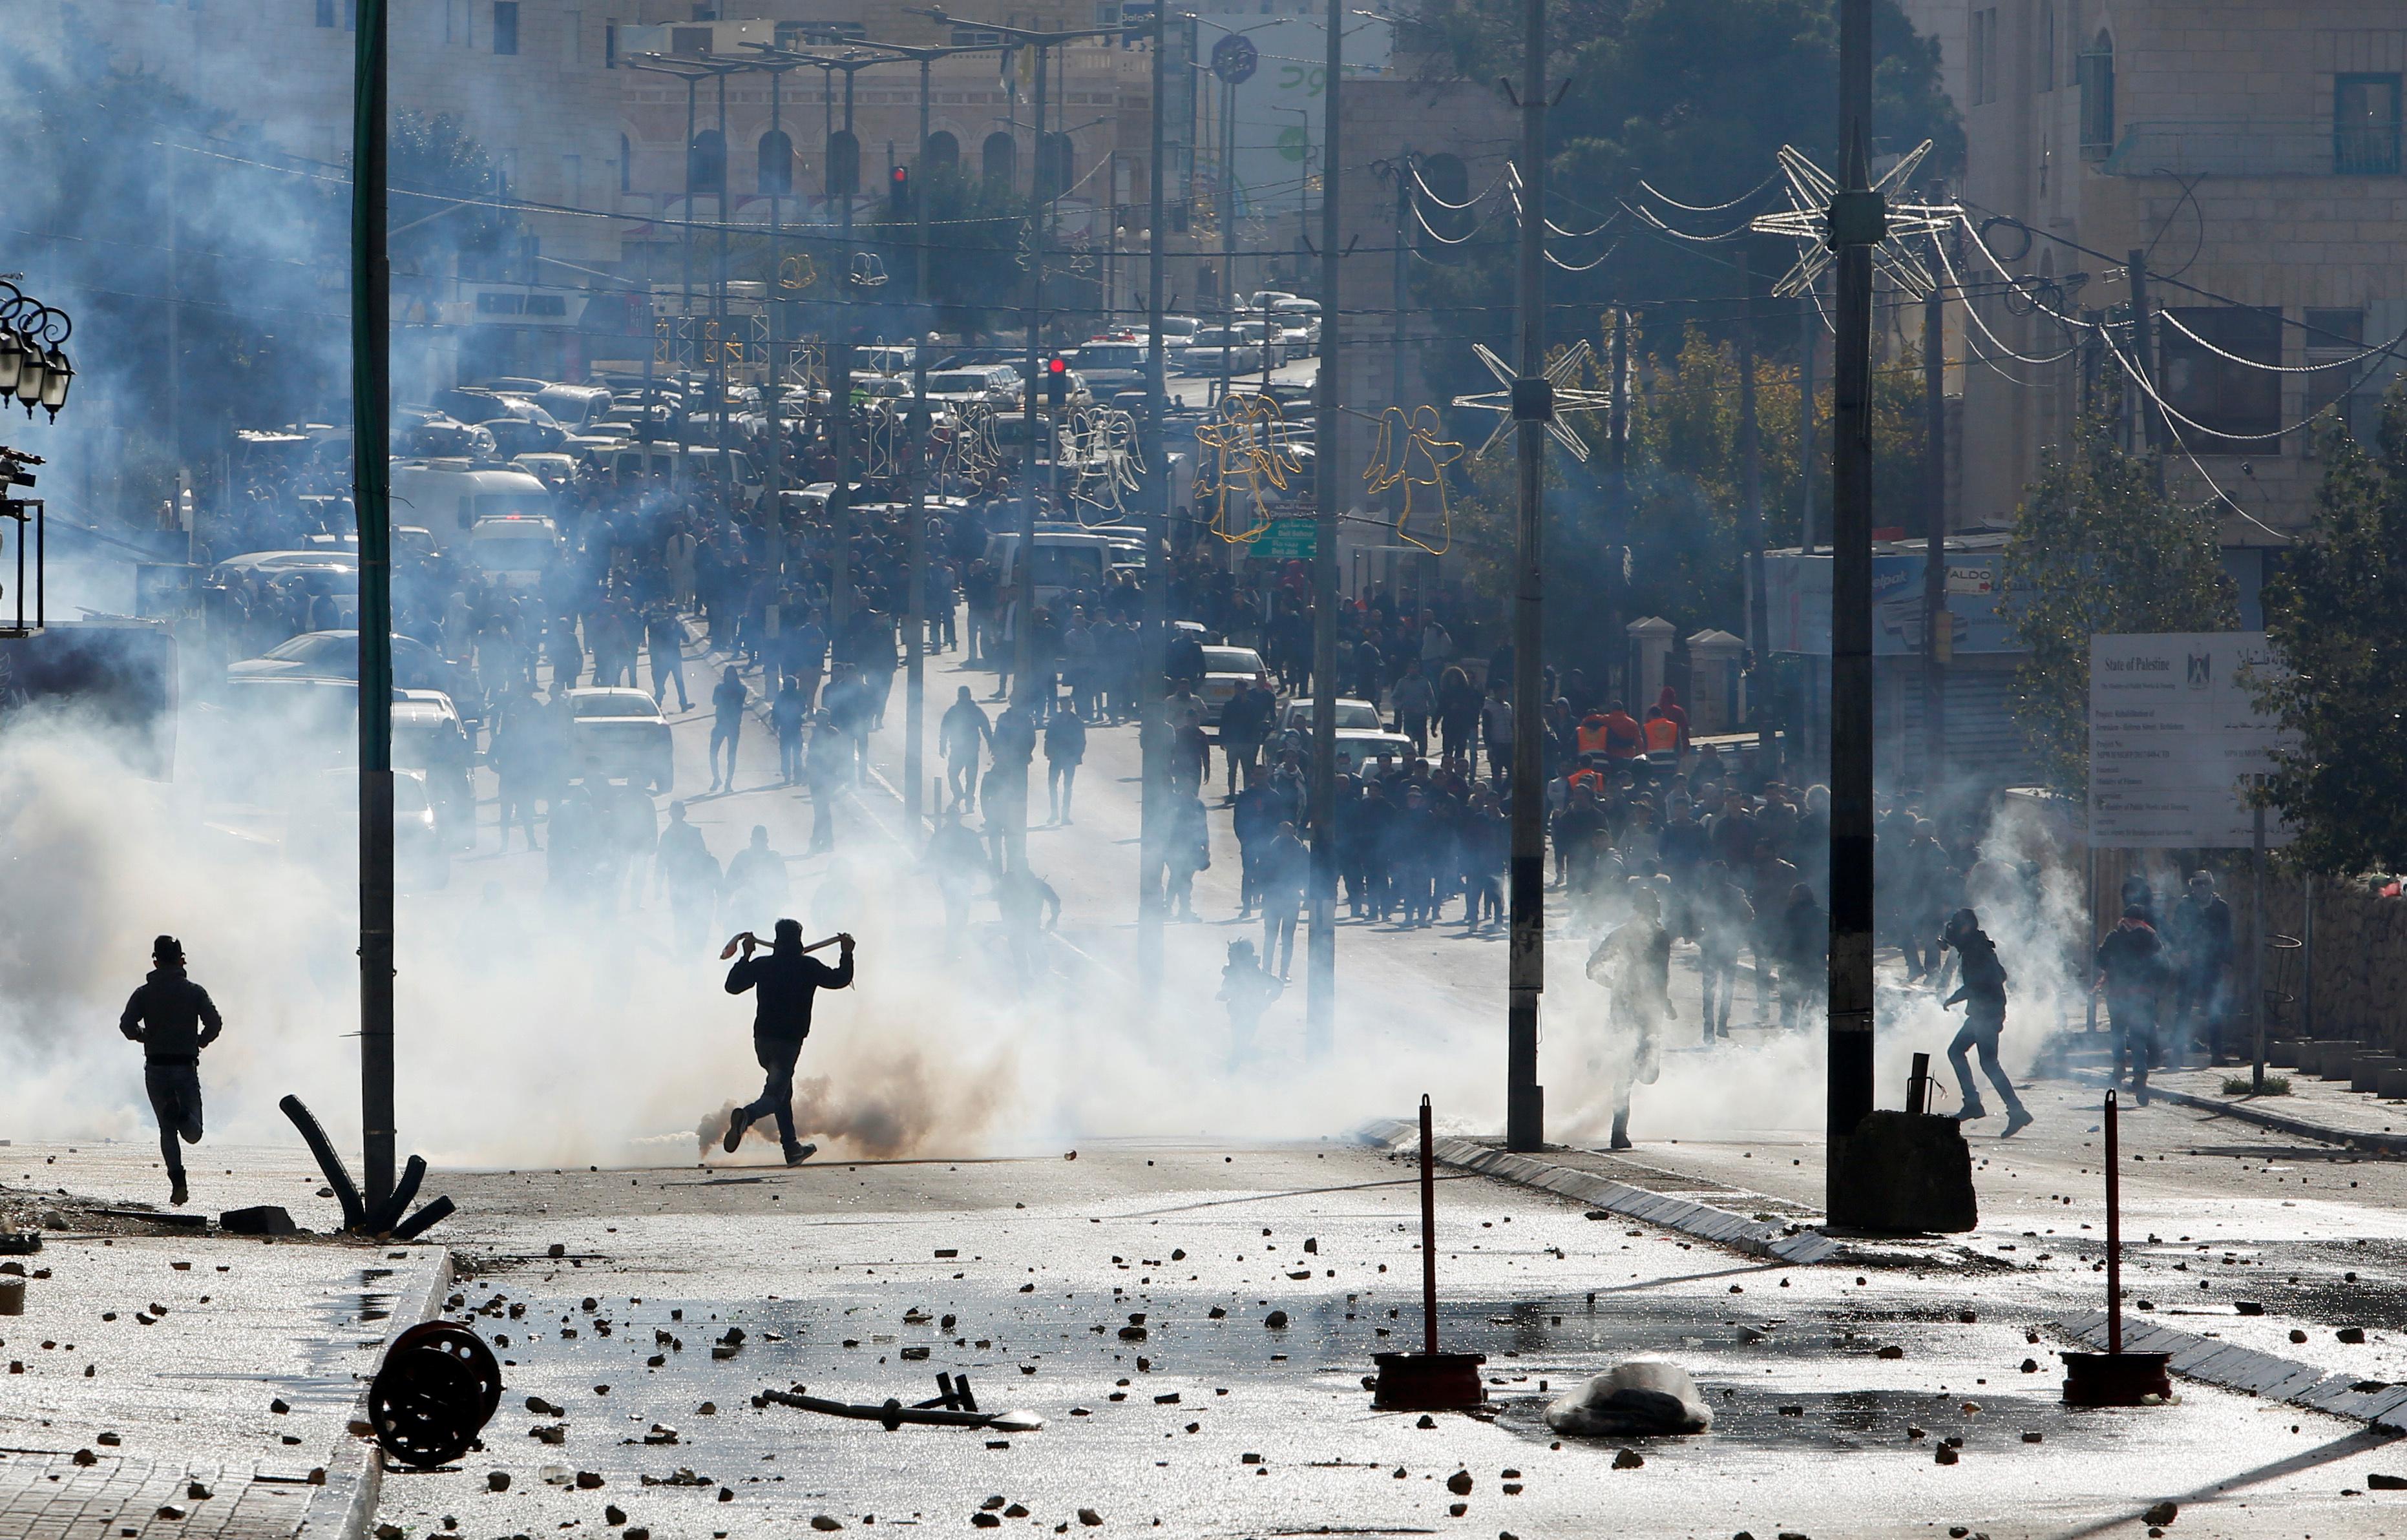 مظاهرات فلسطين - الانتفاضه الرابعه (1)